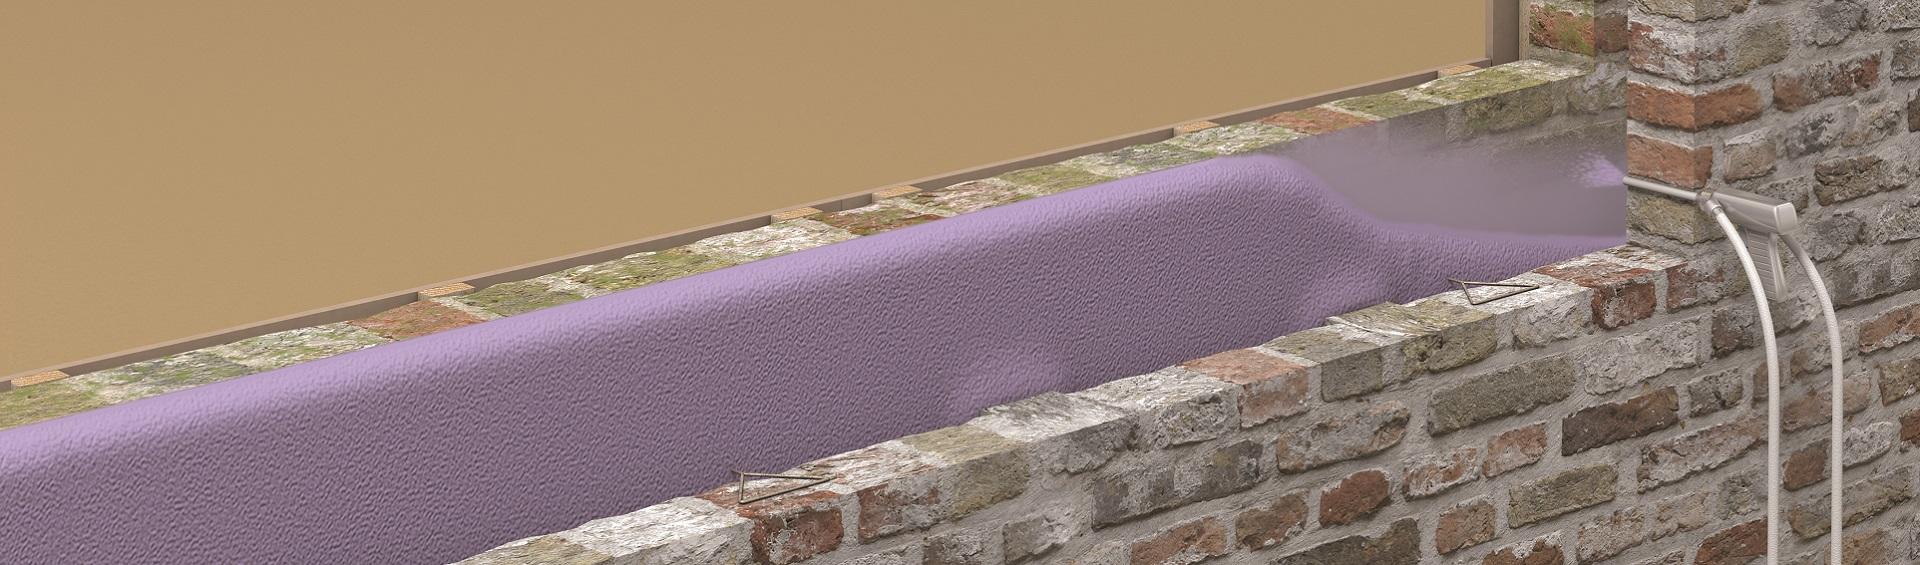 Cavity Wall Sprayfoaminsulation Ie